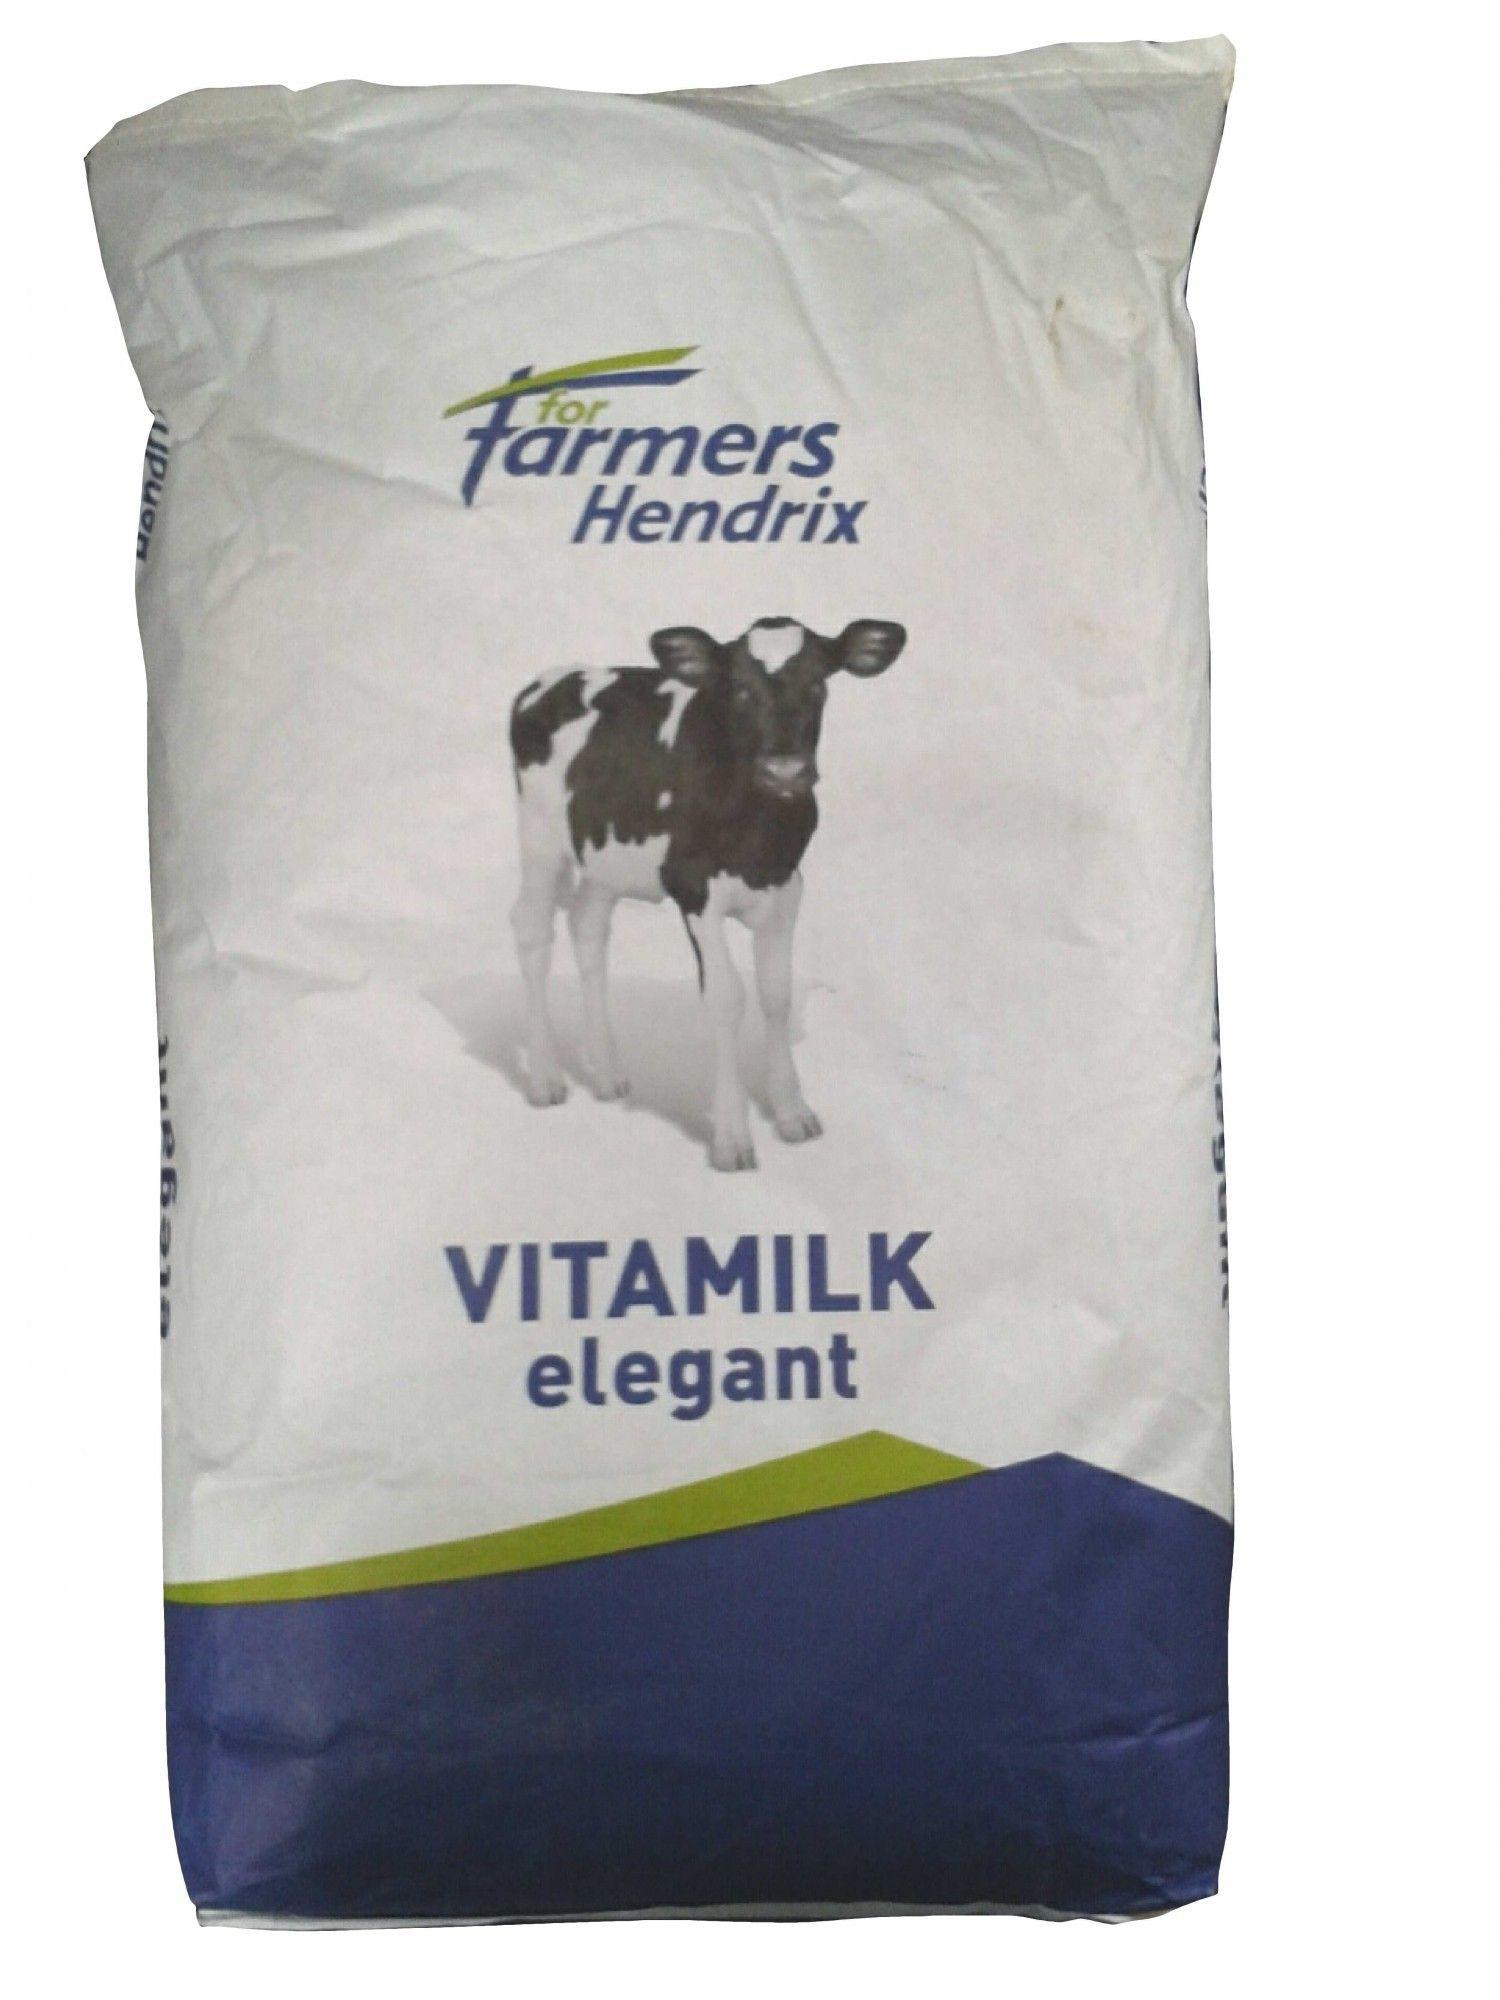 Vitamilk Elegant 20kg